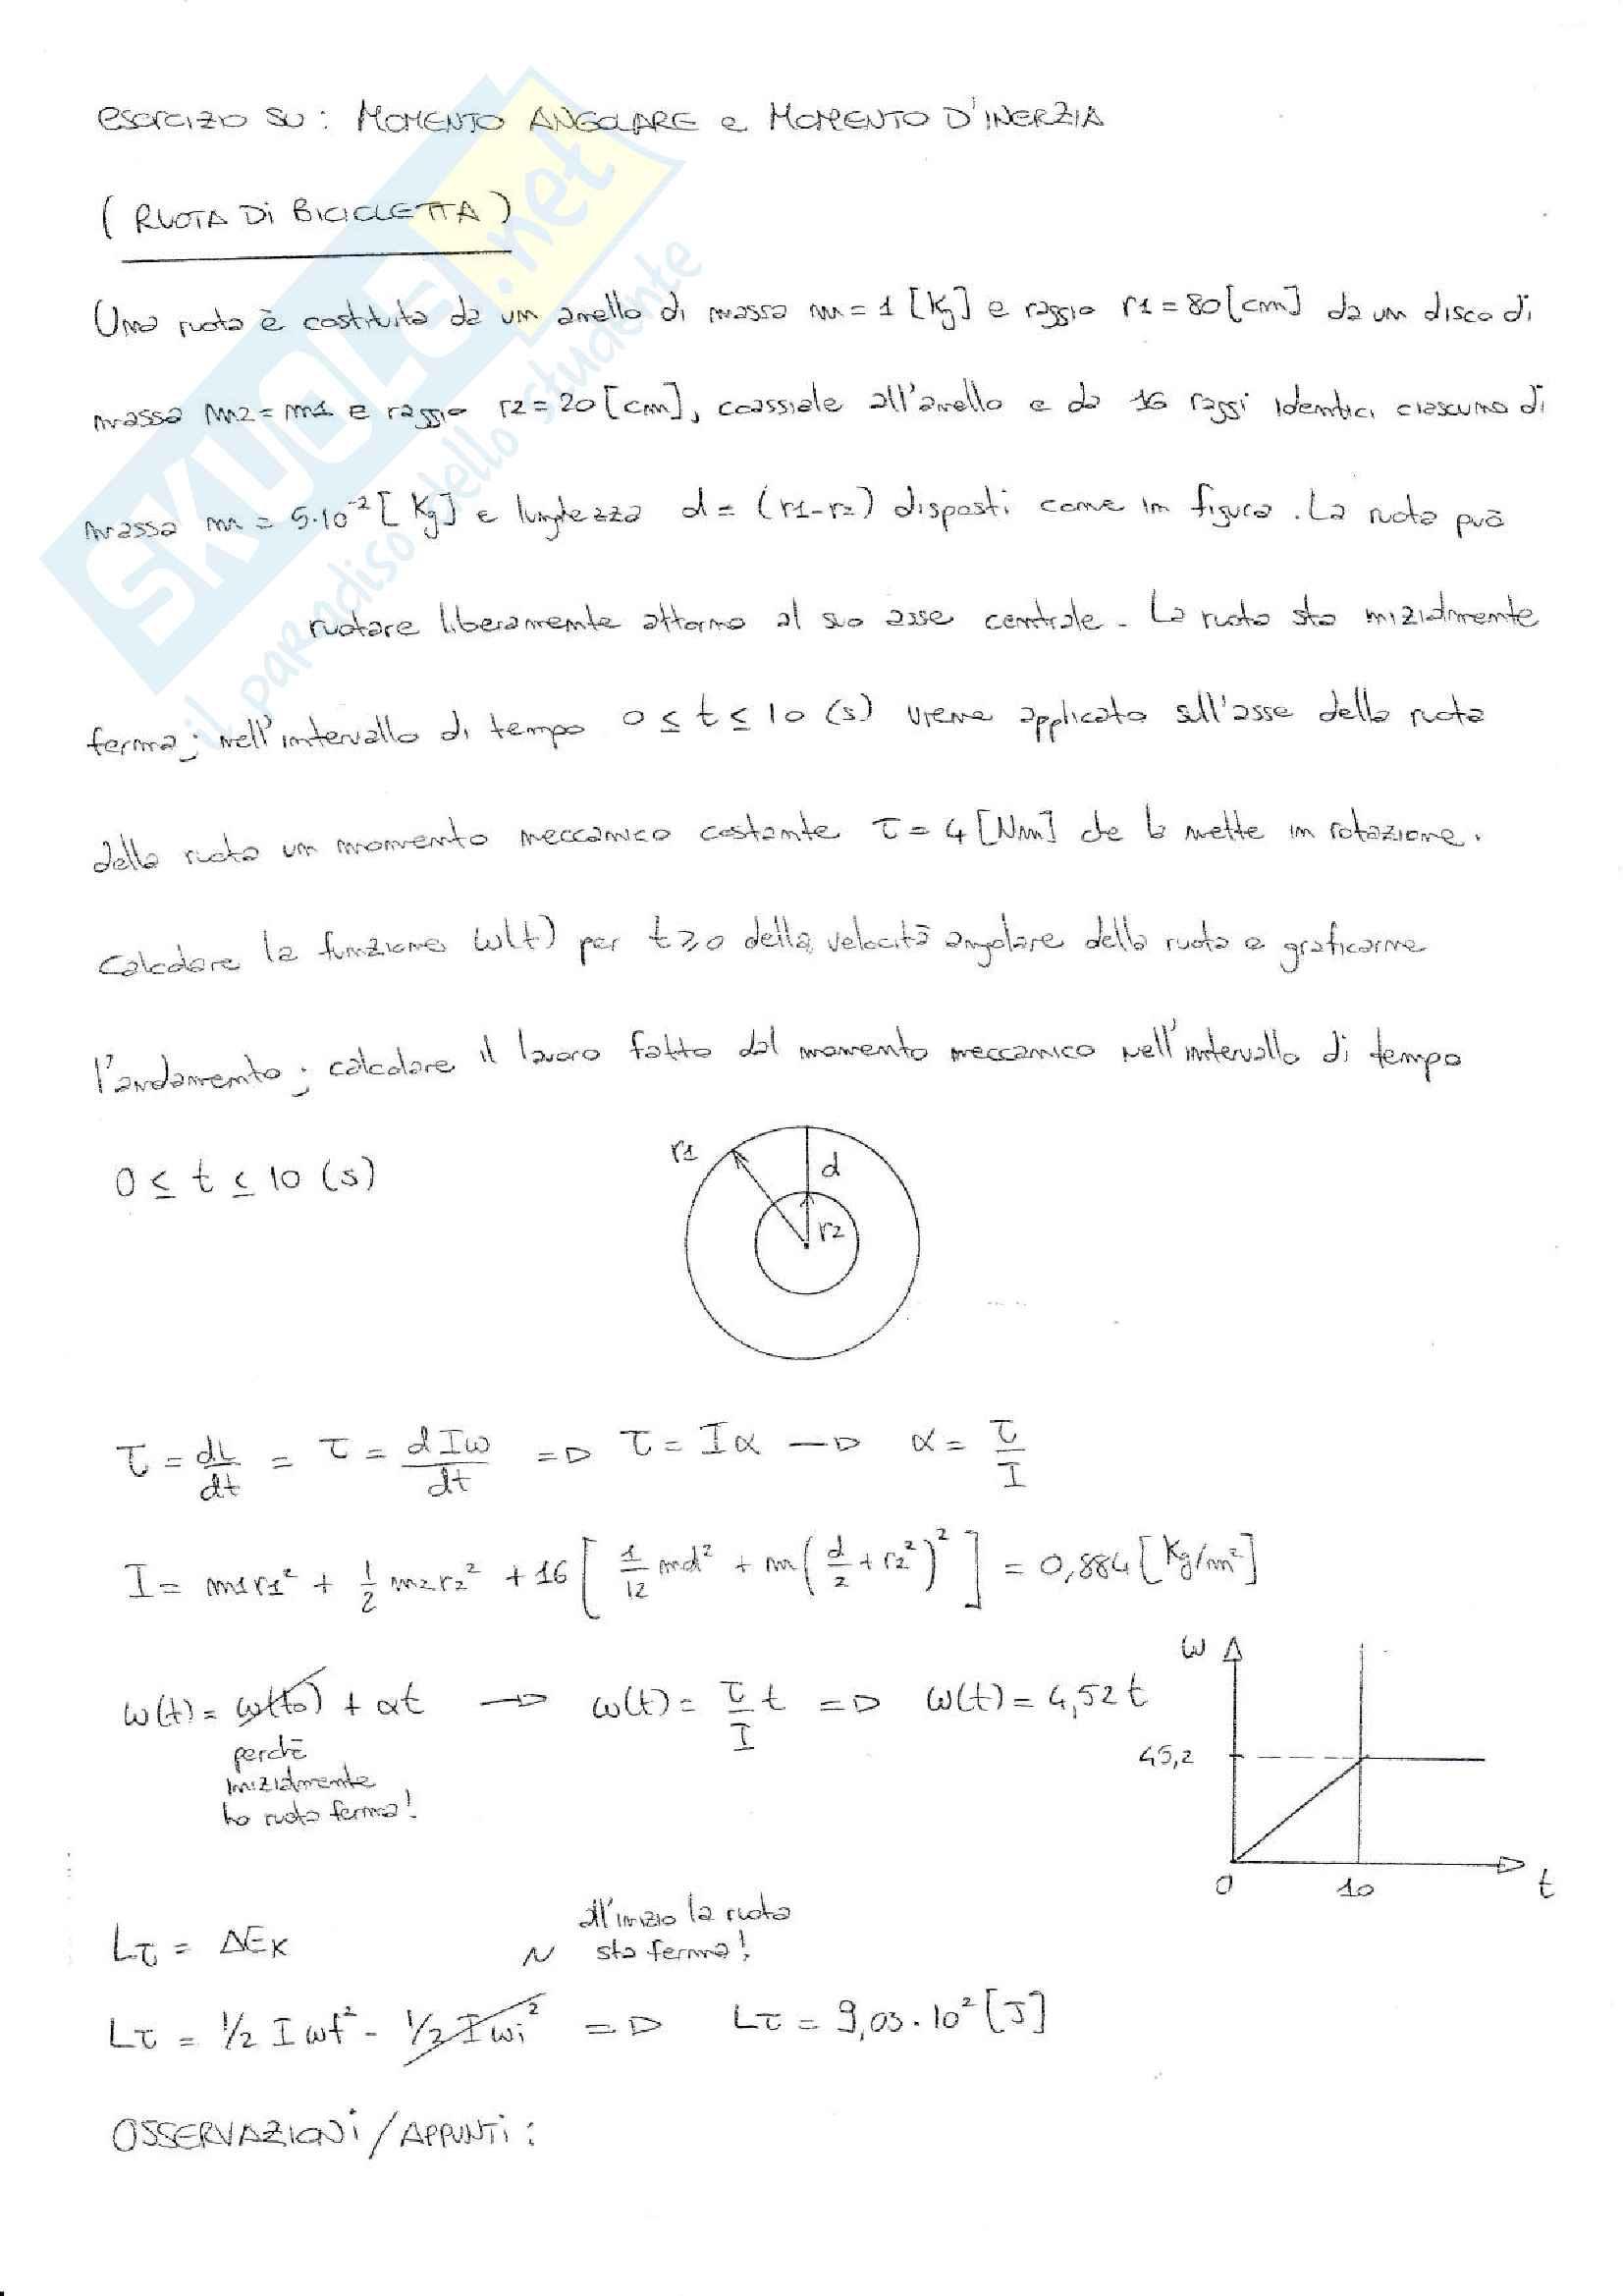 Esercizi svolti esame Fisica 1, prof. Barucca, libri consigliati: Elementi di Fisica - Meccanica - Termodinamica, Mazzoldi - Nigro - Voci; Fisica 1, Vannini - Gettys; Fisica - Volume 1, Mazzoldi - Nigro - Voci; Fisica Generale: Meccanica e Termodinamica Pag. 6